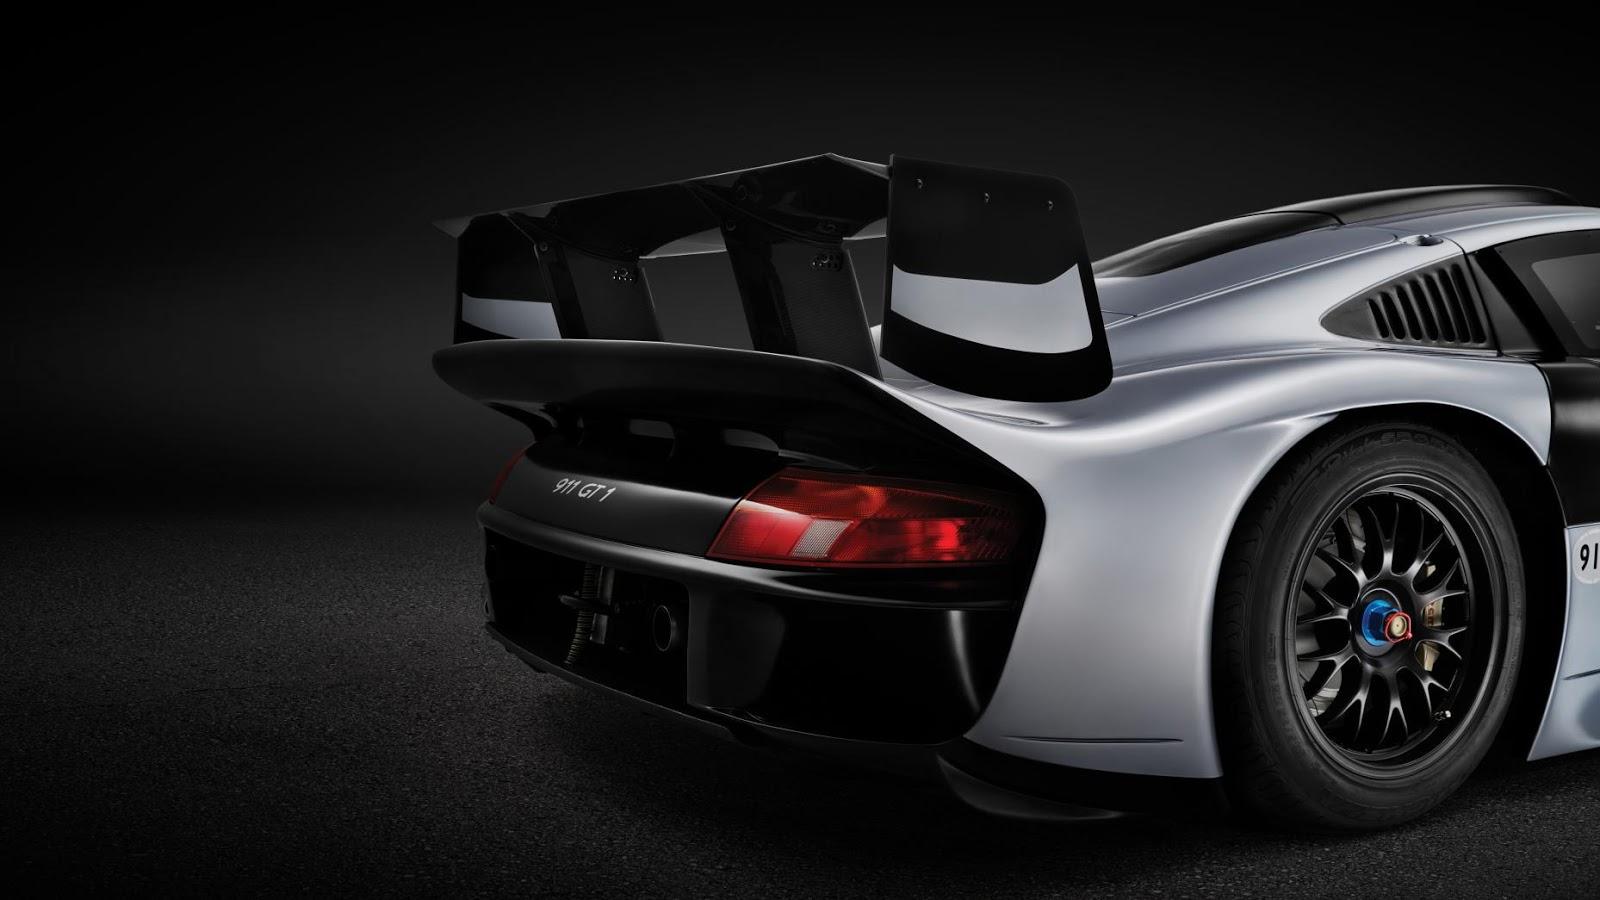 Siêu xe Porsche GT1 Evolution được bán với giá 2,3 triệu bảng